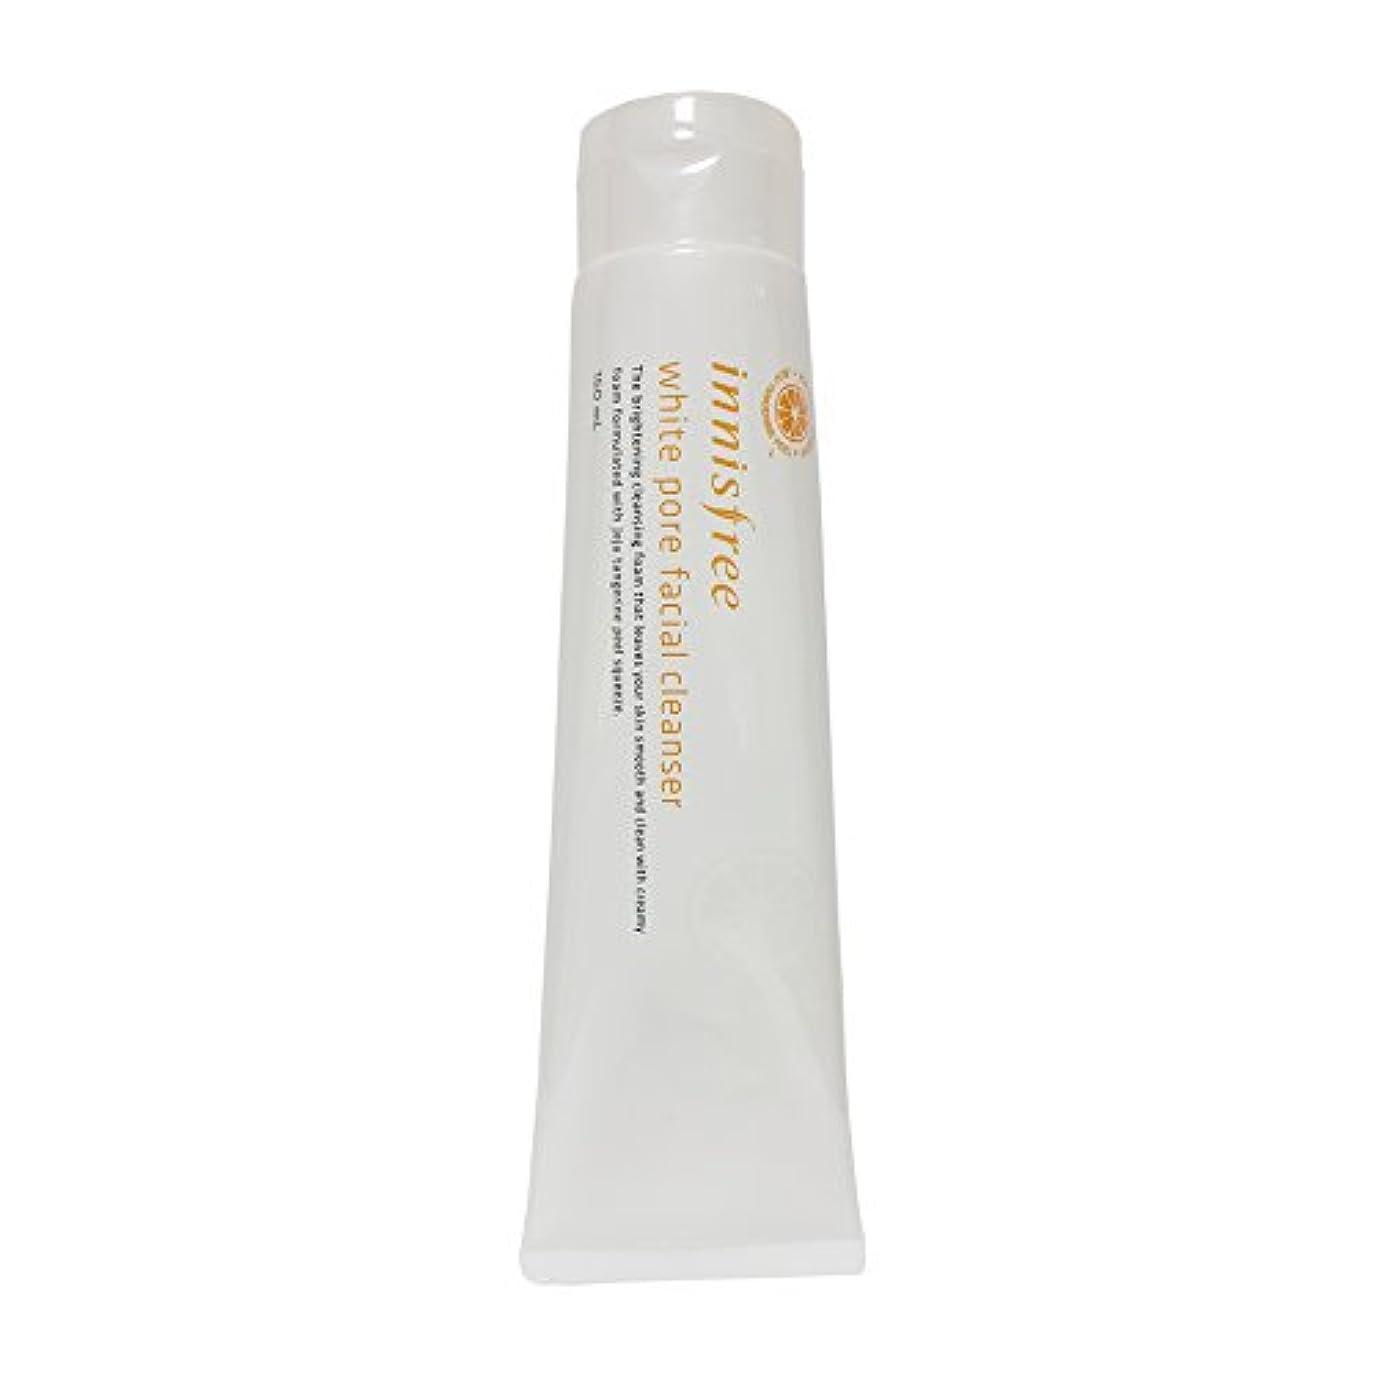 命題ただ前売[イニスフリー] Innisfree ホワイト毛穴フェイシャルクレンザー (150ml) Innisfree White Pore Facial Cleanser(150ml) [海外直送品]